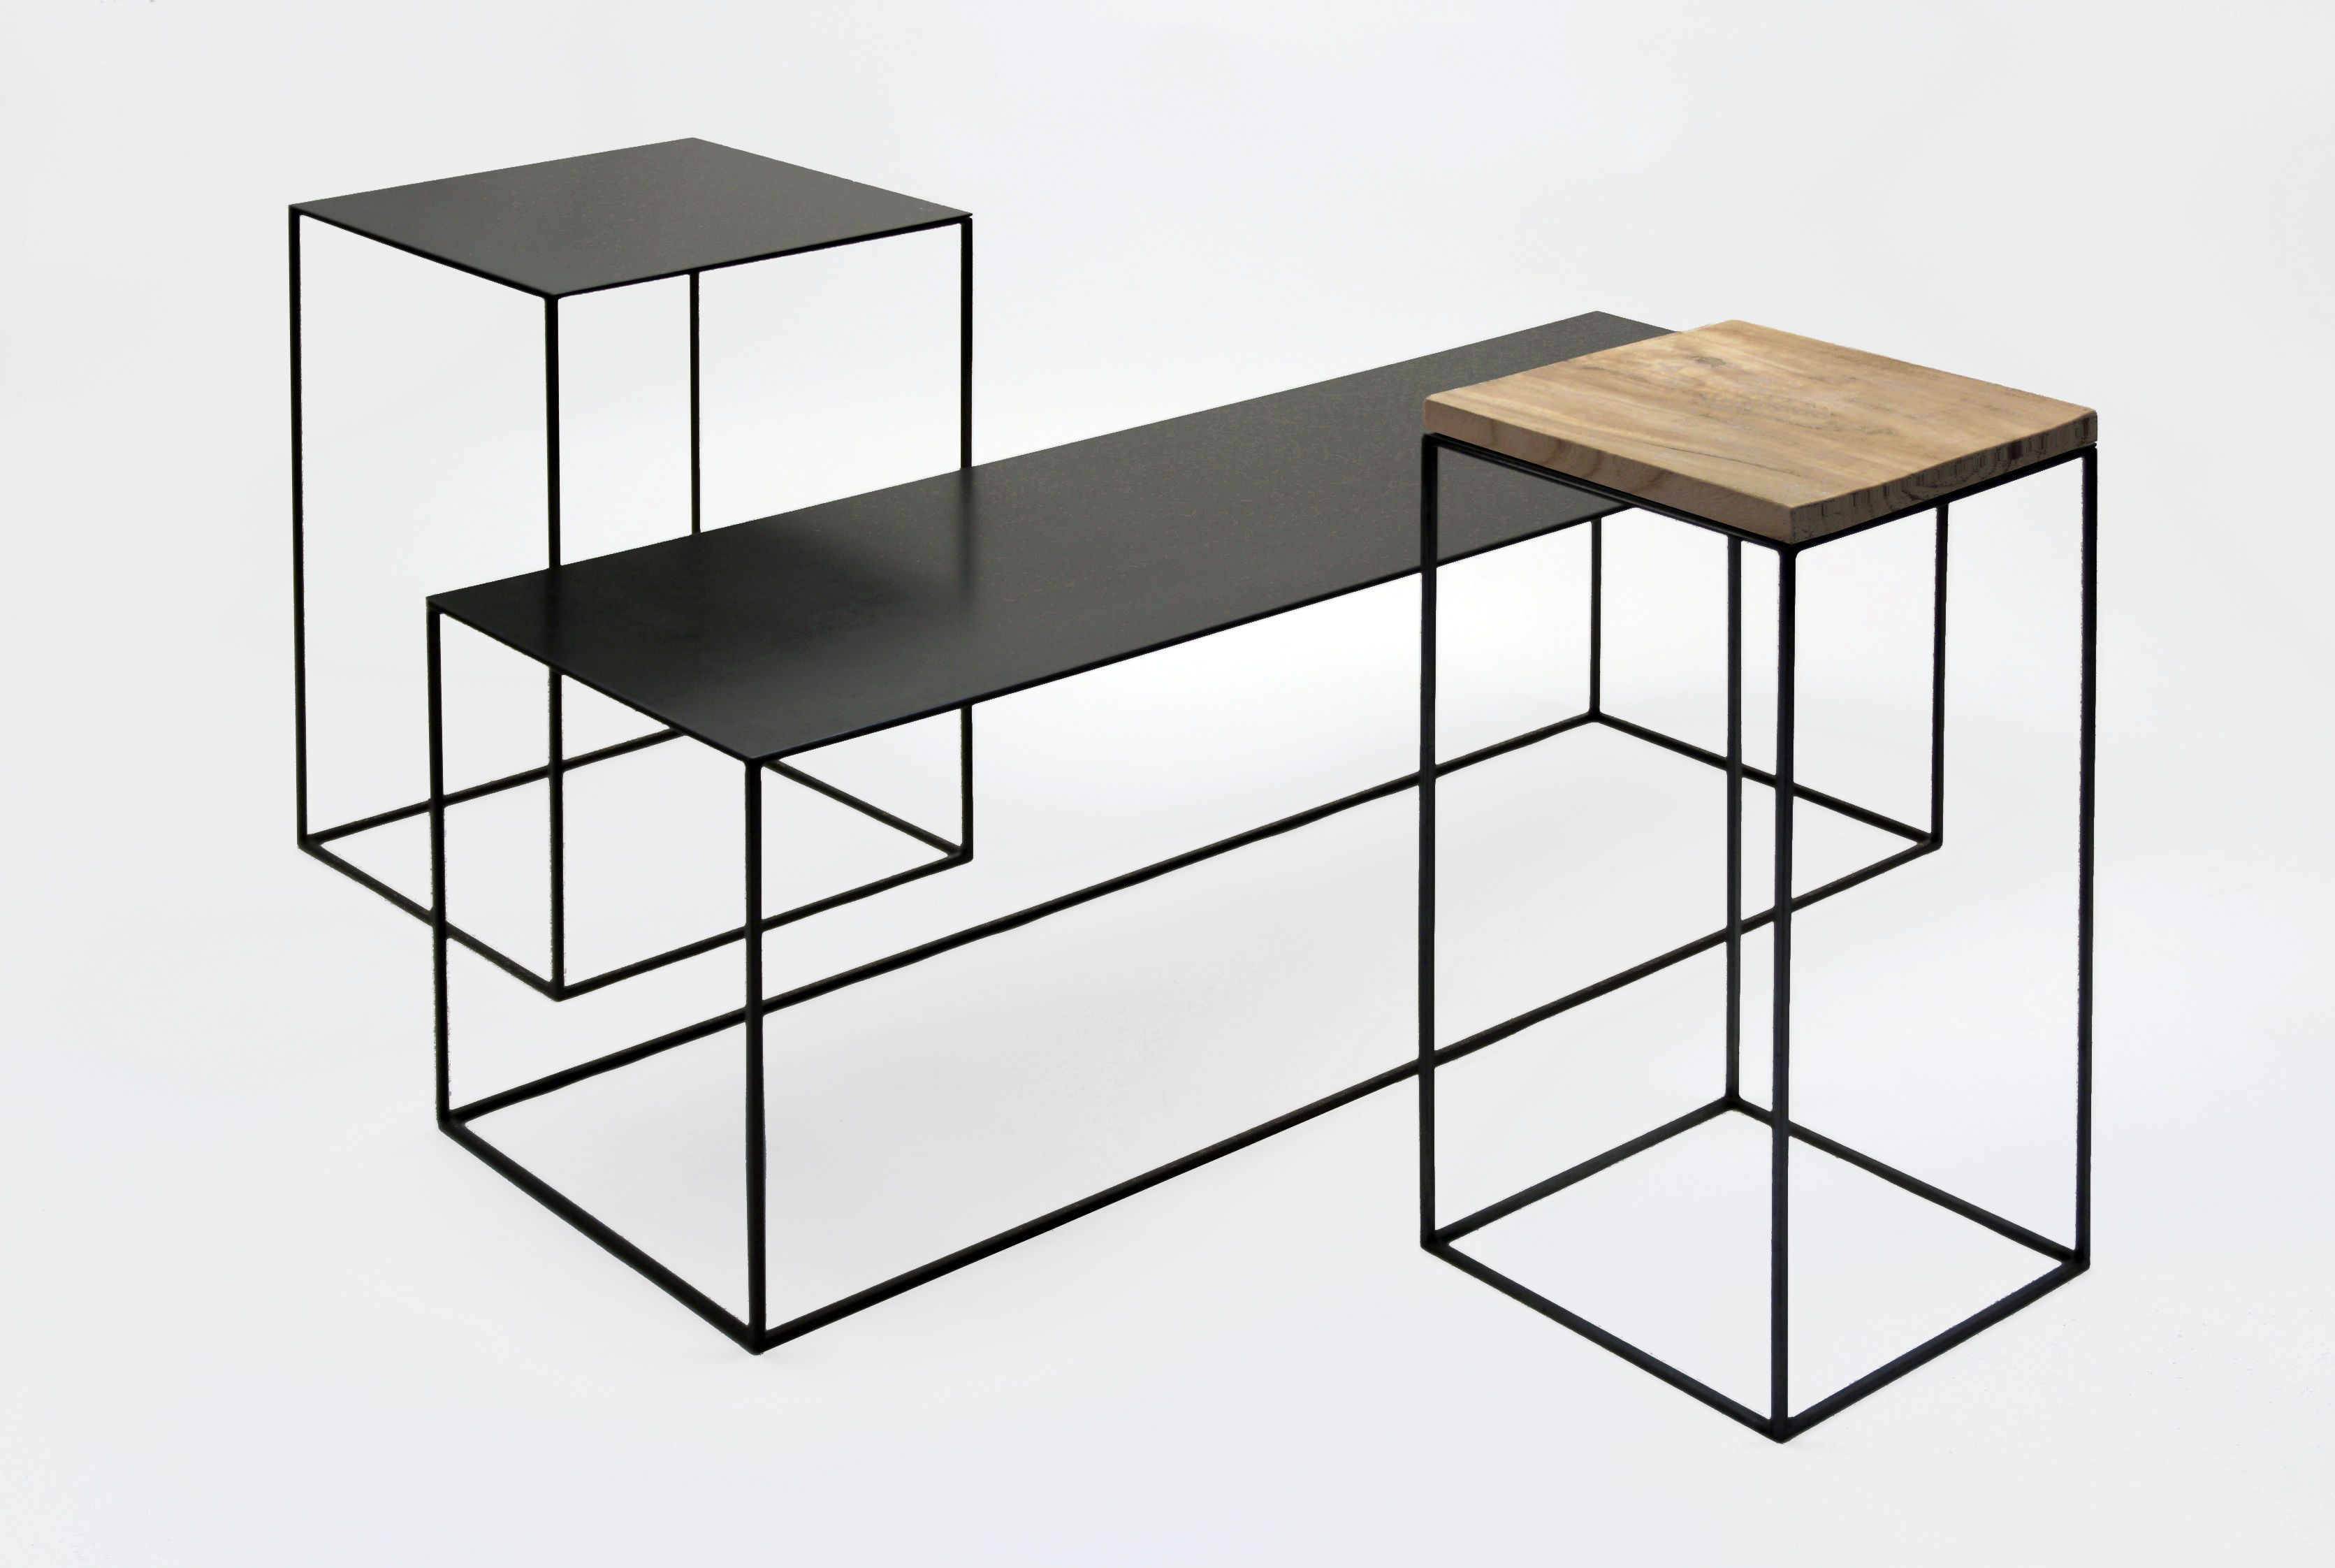 Console Basse Slim Irony Zeus Metal Noir Cuivre Pied Noir Cuivre H 64 Made In Design Table Basse Mobilier De Salon Mobilier